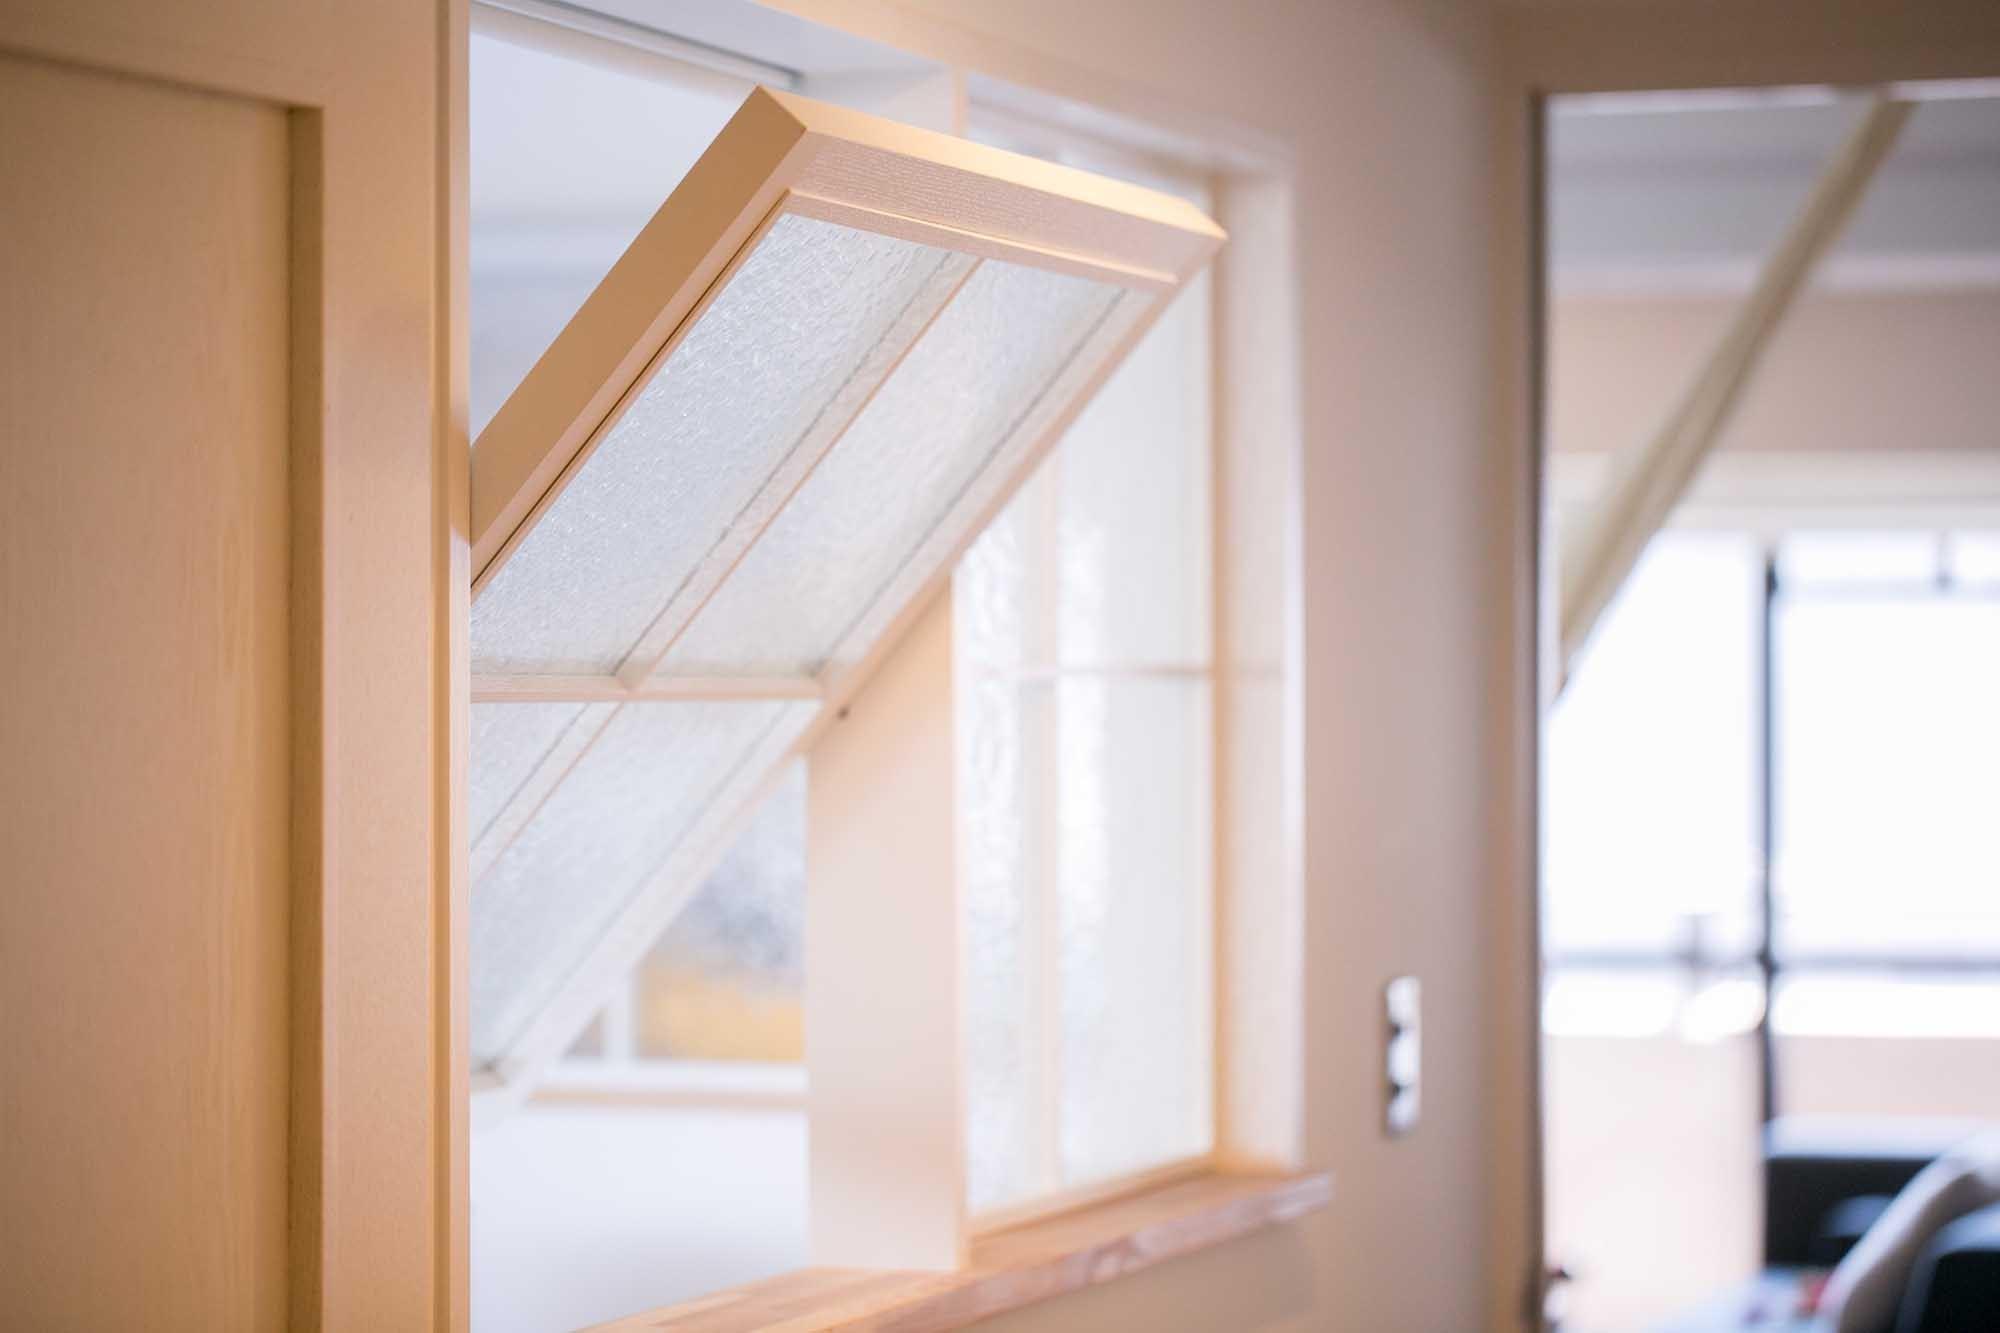 その他事例:内窓(nap.~ついお昼寝をしたくなる、光と風が心地よい住まい~)